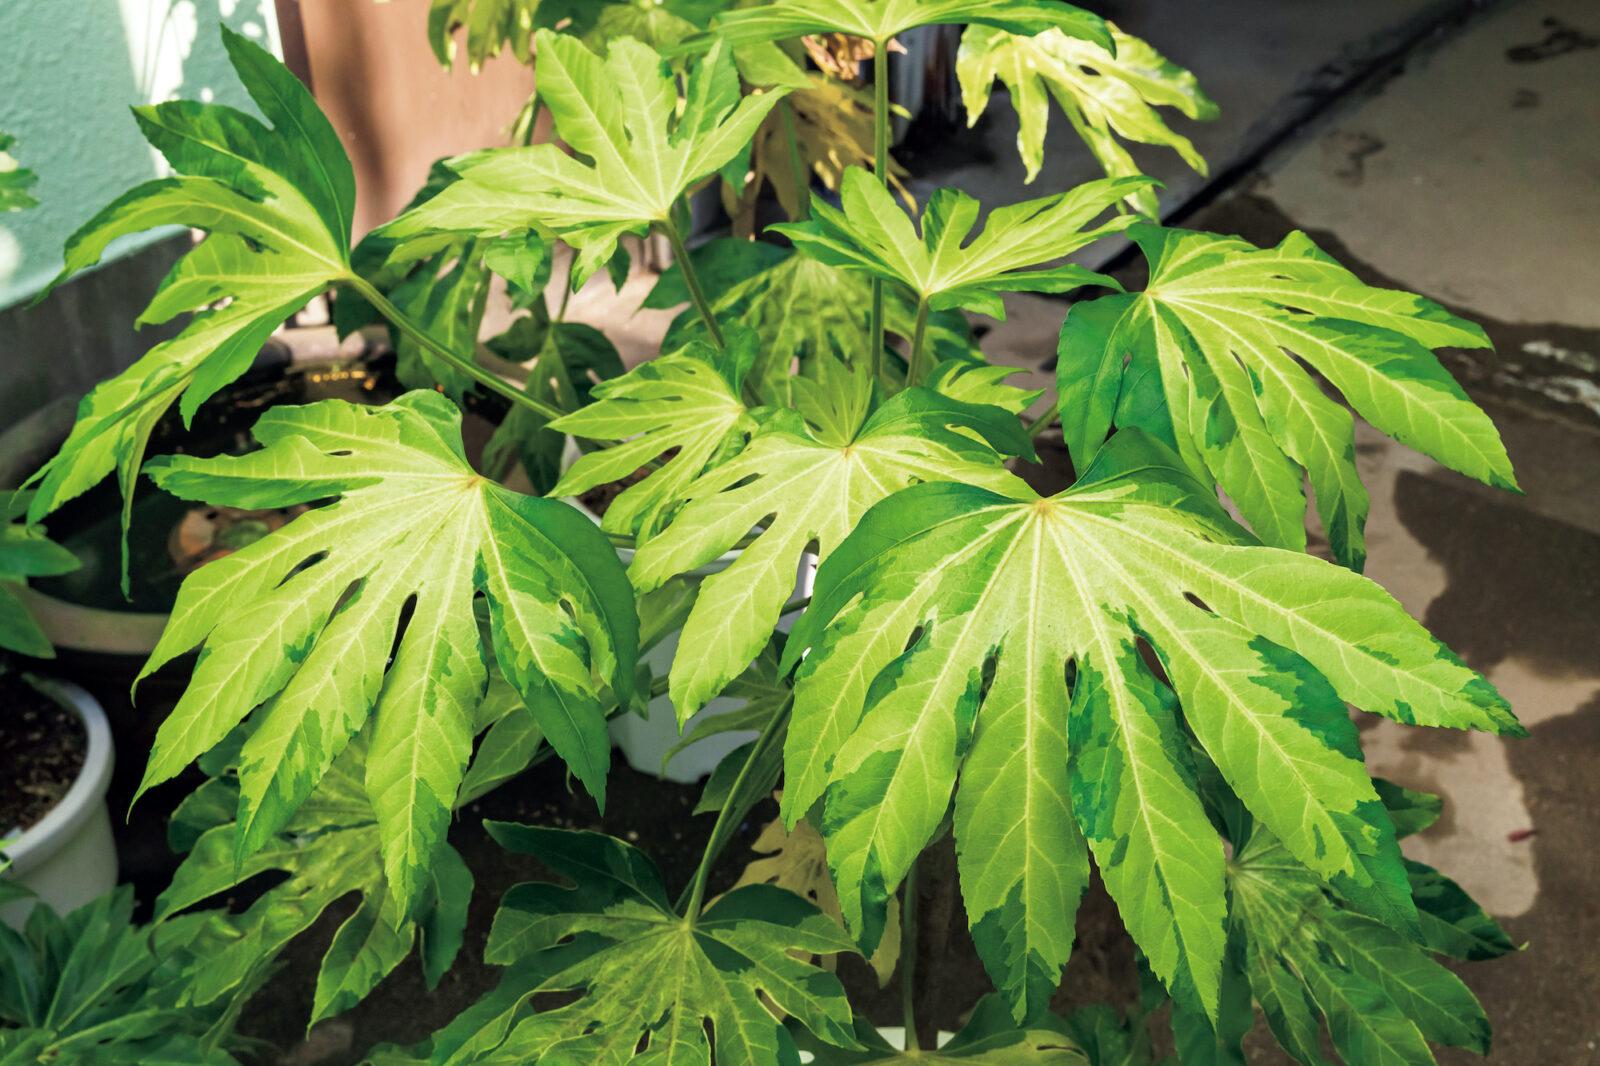 Fatsia japonica 'Murakumonishiki'/ヤツデ '叢雲錦'ヤツデの最高峰!黄中斑入りの非常に美しい品種……。白覆輪斑の品種より現れたらしいが詳しい情報は知らない……。生長はとにかく遅くとにかく貴重品種!ヤツデの中でも最高峰!新葉展開時の斑の色は最高!日本人よ、こういう存在を忘れるな!